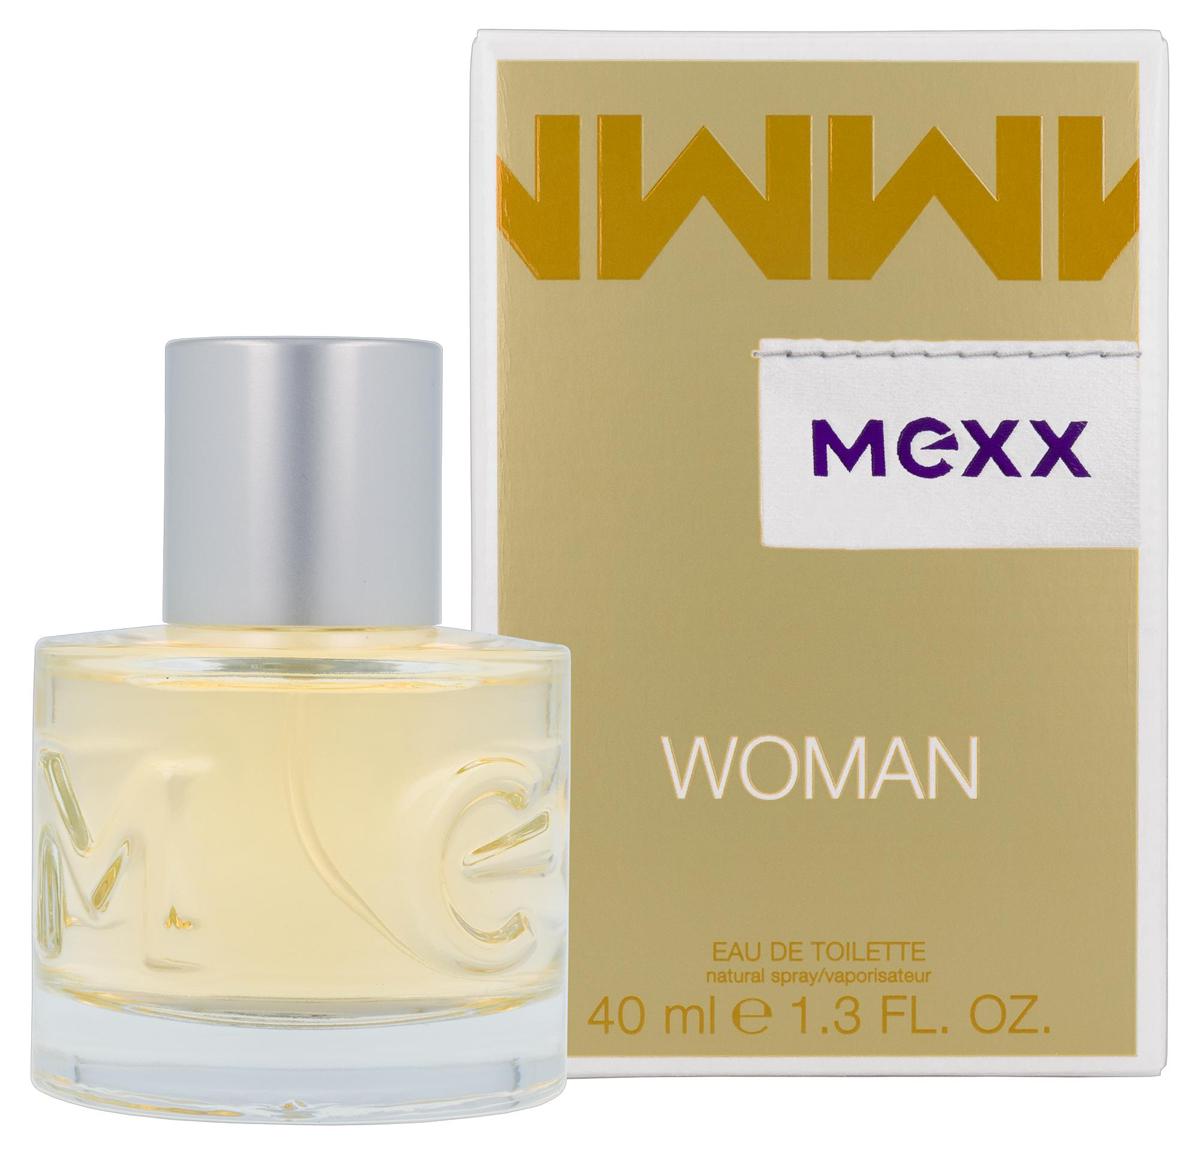 Mexx Woman Туалетная вода 40 мл0737052682433Woman - очень женственный и уверенный аромат. Классификация аромата: цветочный, восточный. Пирамида аромата: верхние ноты: бергамот, черная смородина, лимон, ноты сердца: роза, жасмин, ландыш, ноты шлейфа: сандал, кедр, амбра. Верхняя нота: Бергамот, Черная смородина. Средняя нота: Ландыш, Роза, Жасмин. Шлейф: Амбра. Женственная комбинация фруктовых, цветочных и древесных нот. Дневной и вечерний аромат.